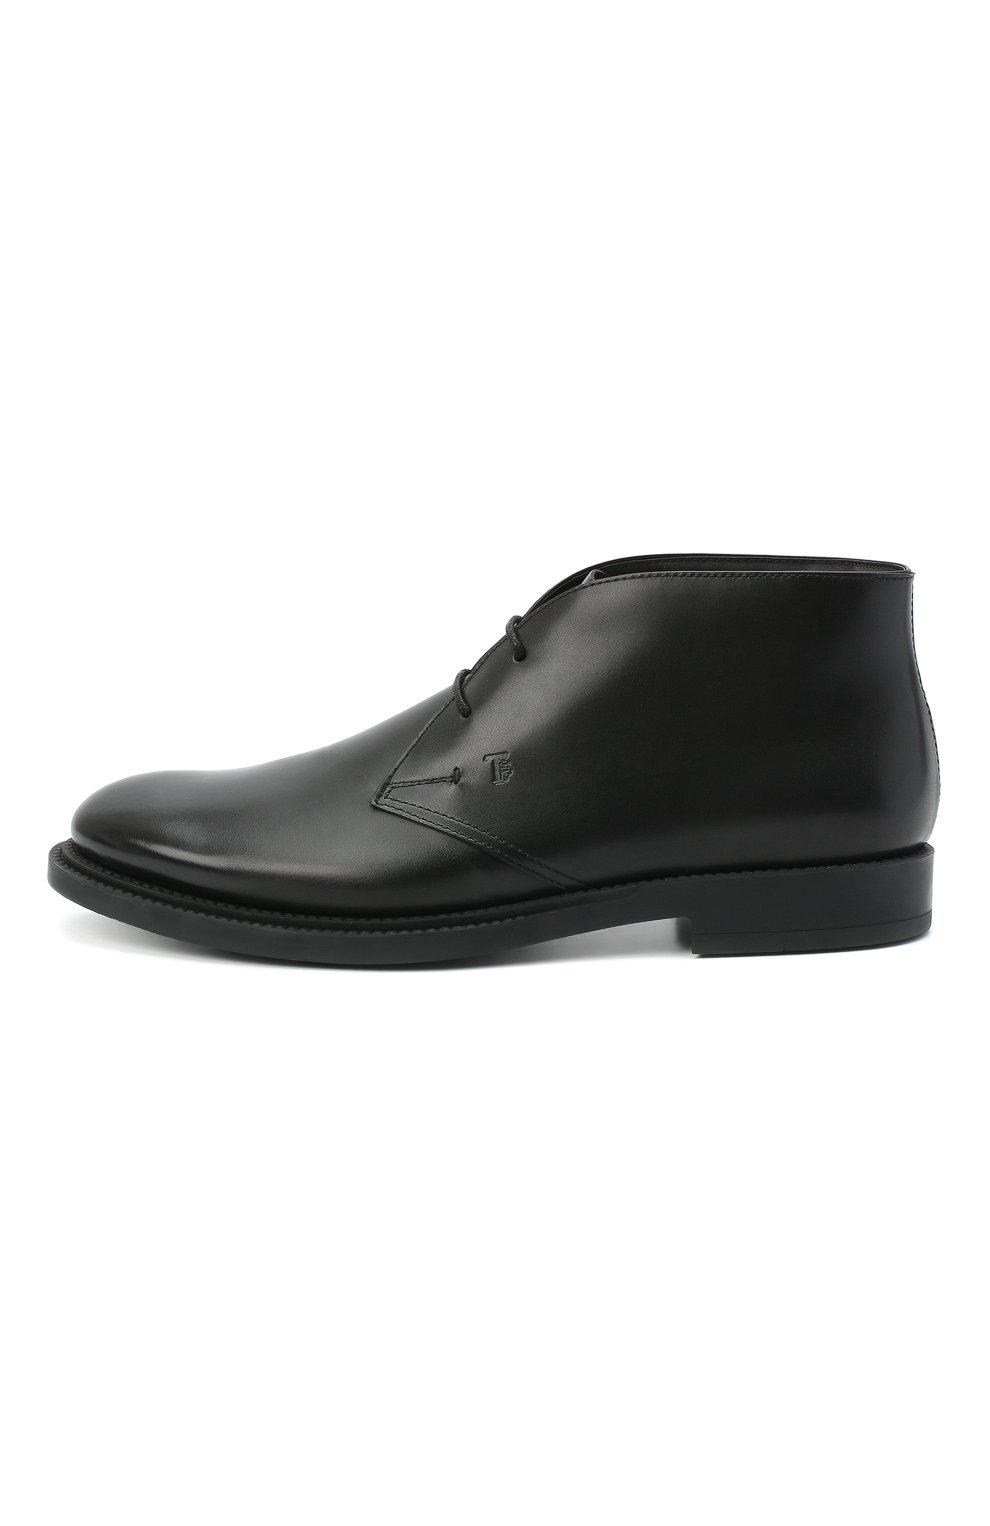 Мужские кожаные ботинки TOD'S черного цвета, арт. XXM62C0DH600LW   Фото 3 (Мужское Кросс-КТ: Ботинки-обувь, Дезерты-обувь; Материал внутренний: Натуральная кожа; Подошва: Плоская)